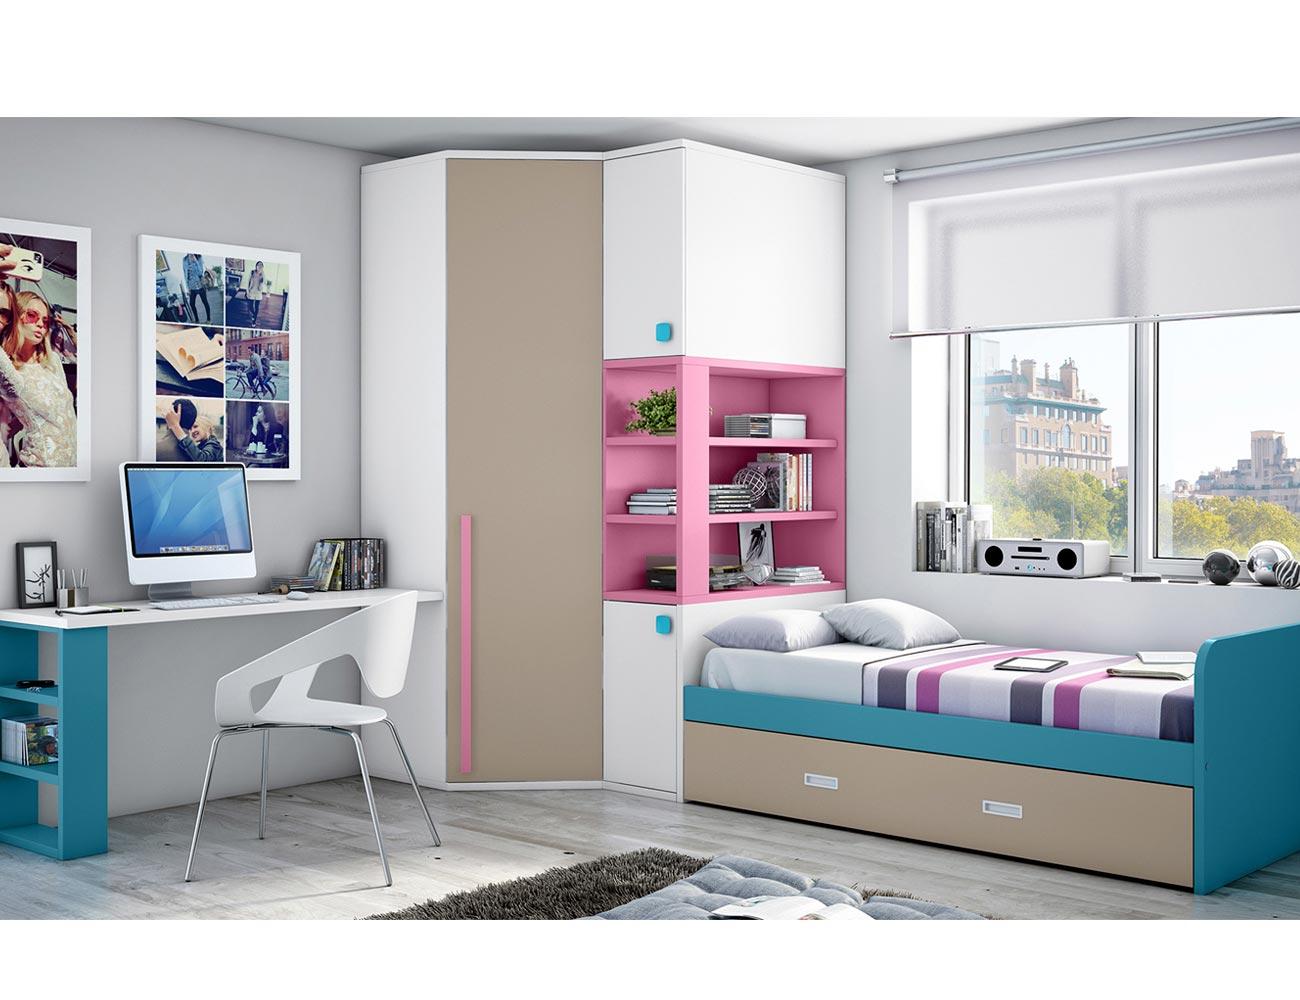 Dormitorio juvenil armario rincon cajones turquesa